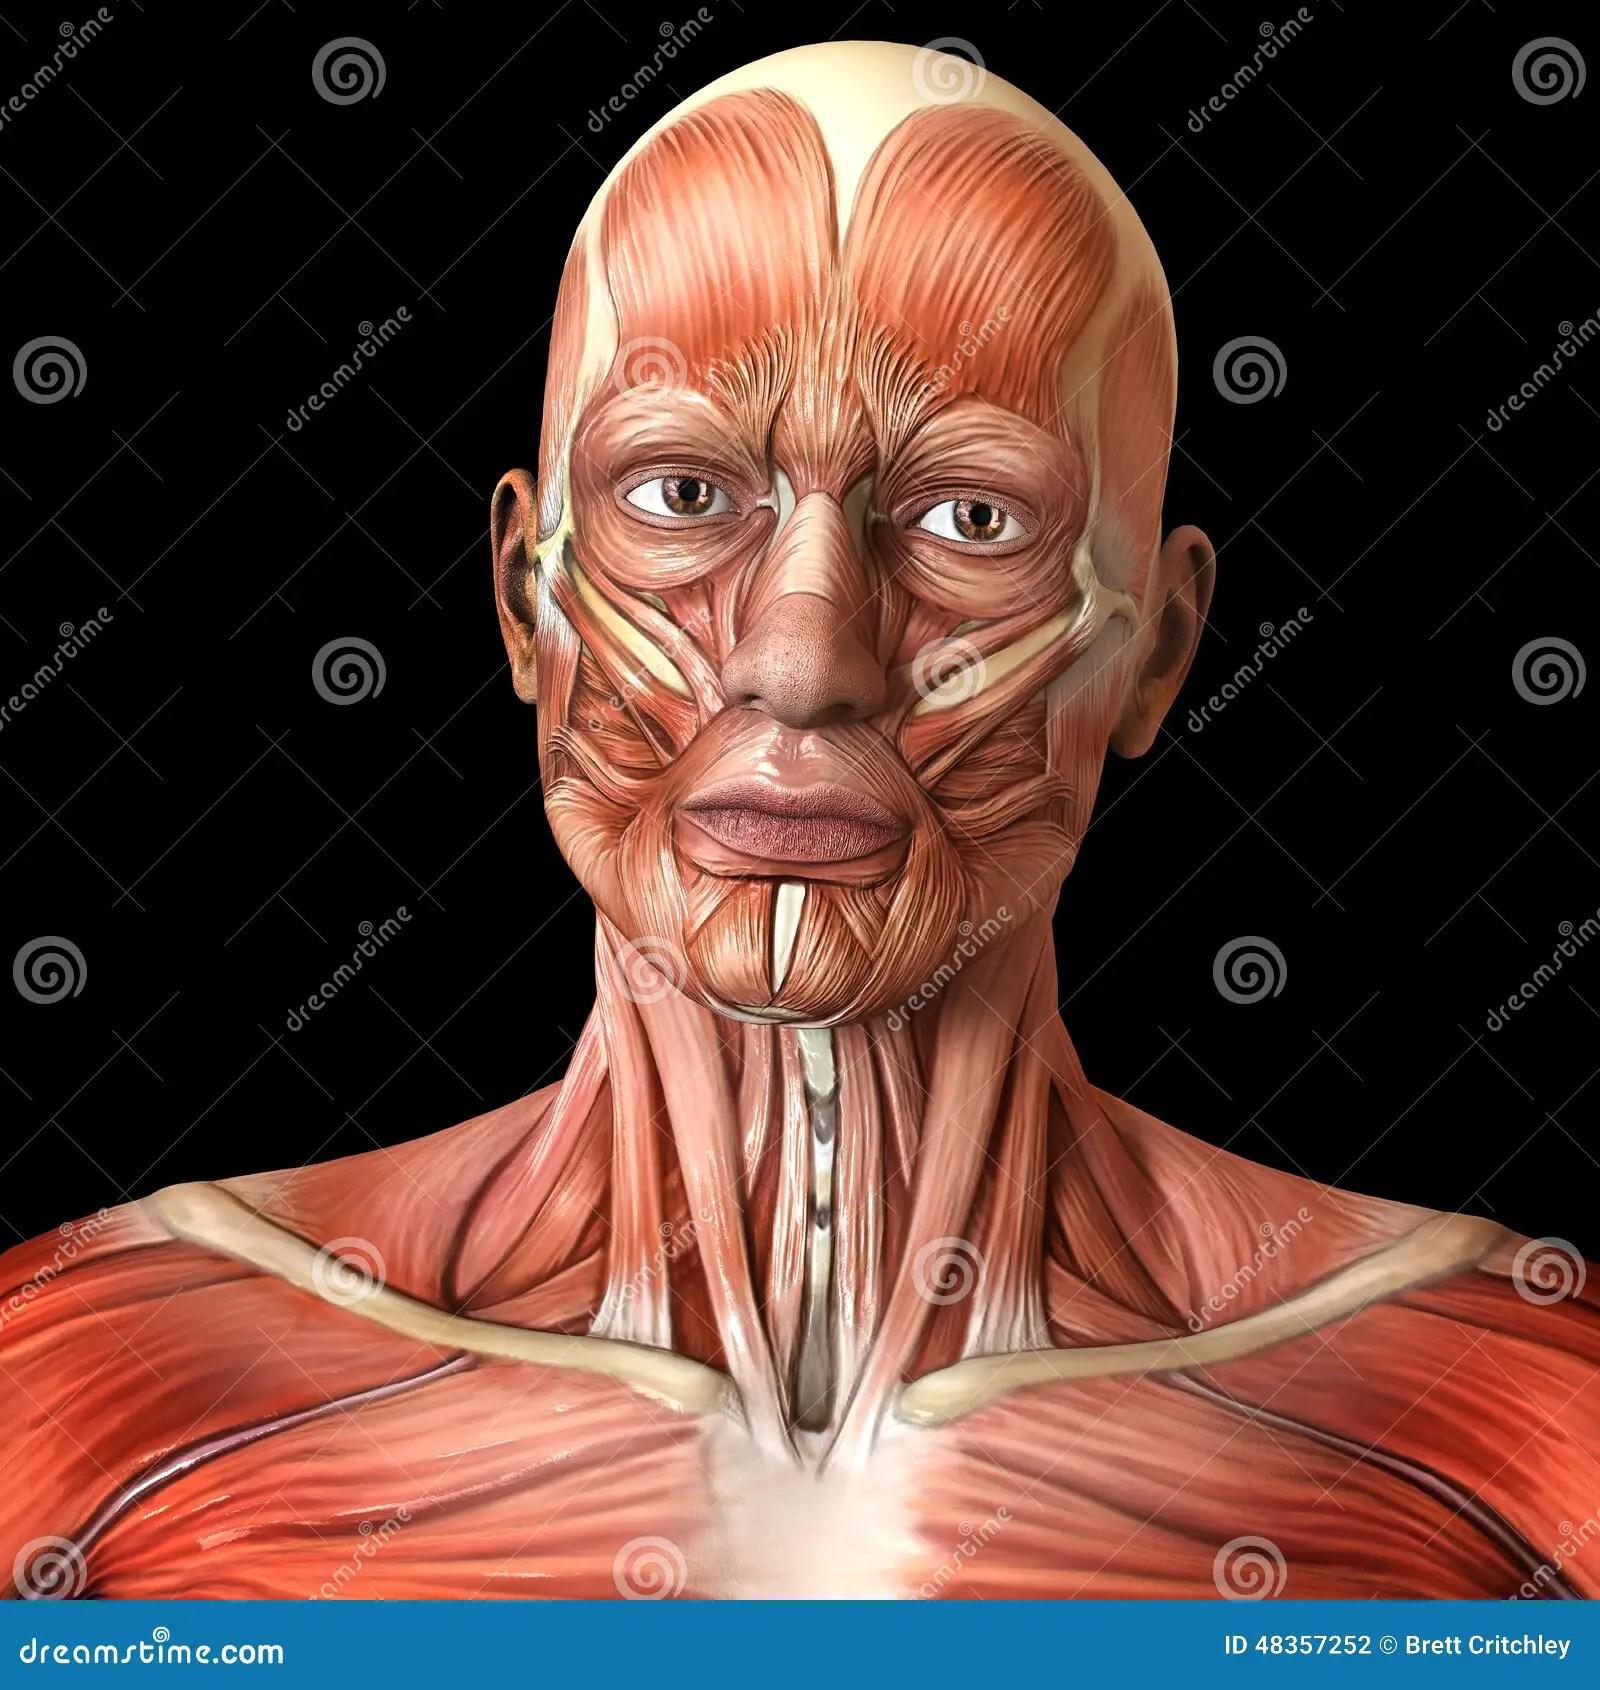 Face Facial Muscles